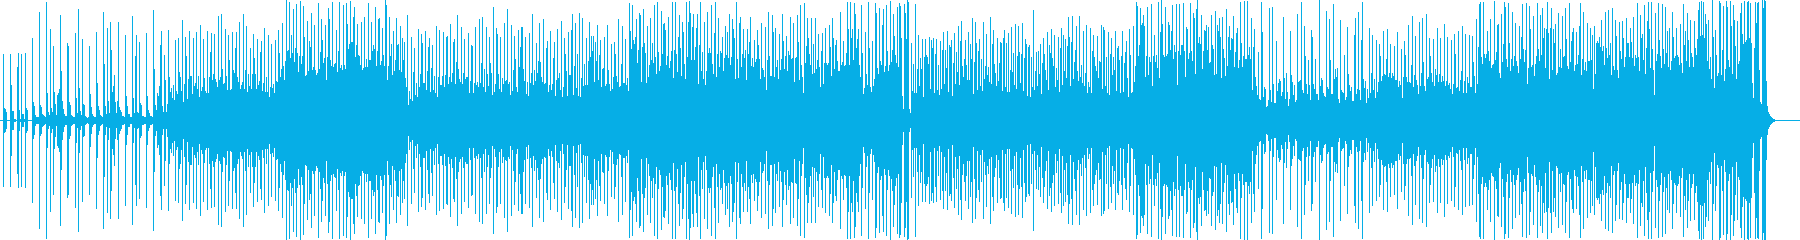 エスニックとフォークの再生済みの波形